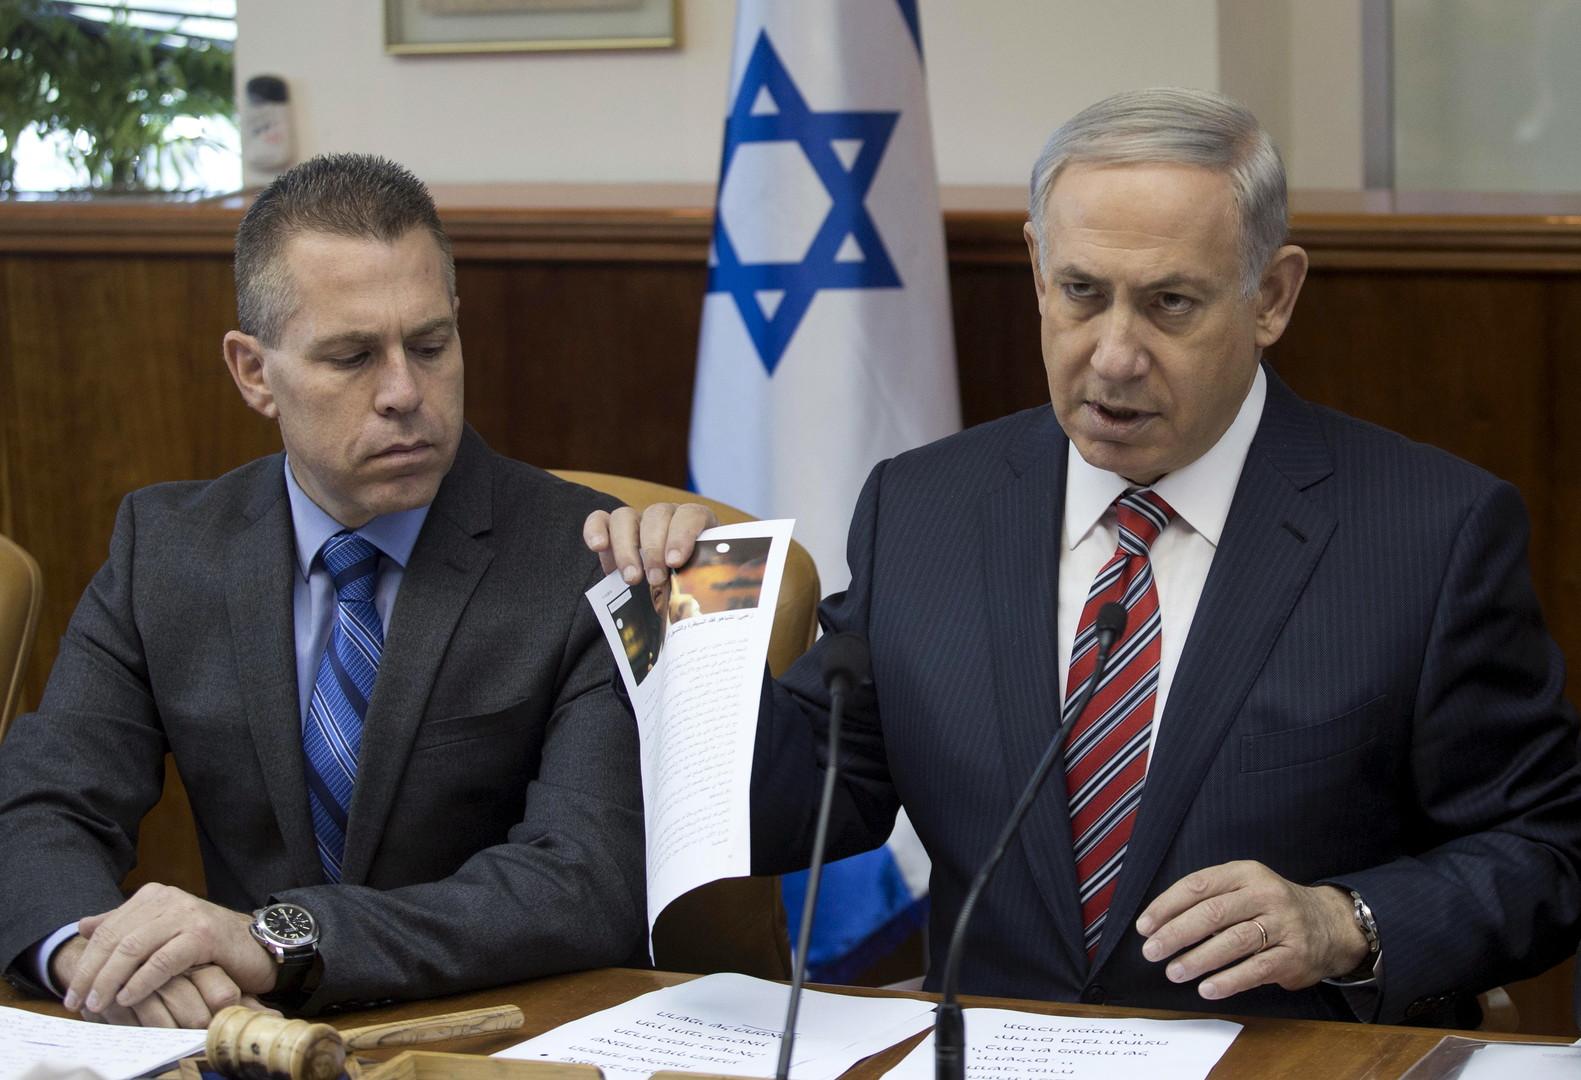 إسرائيل تلغي مسابقة كروية في القدس تنتصر للأسرى الفلسطينيين